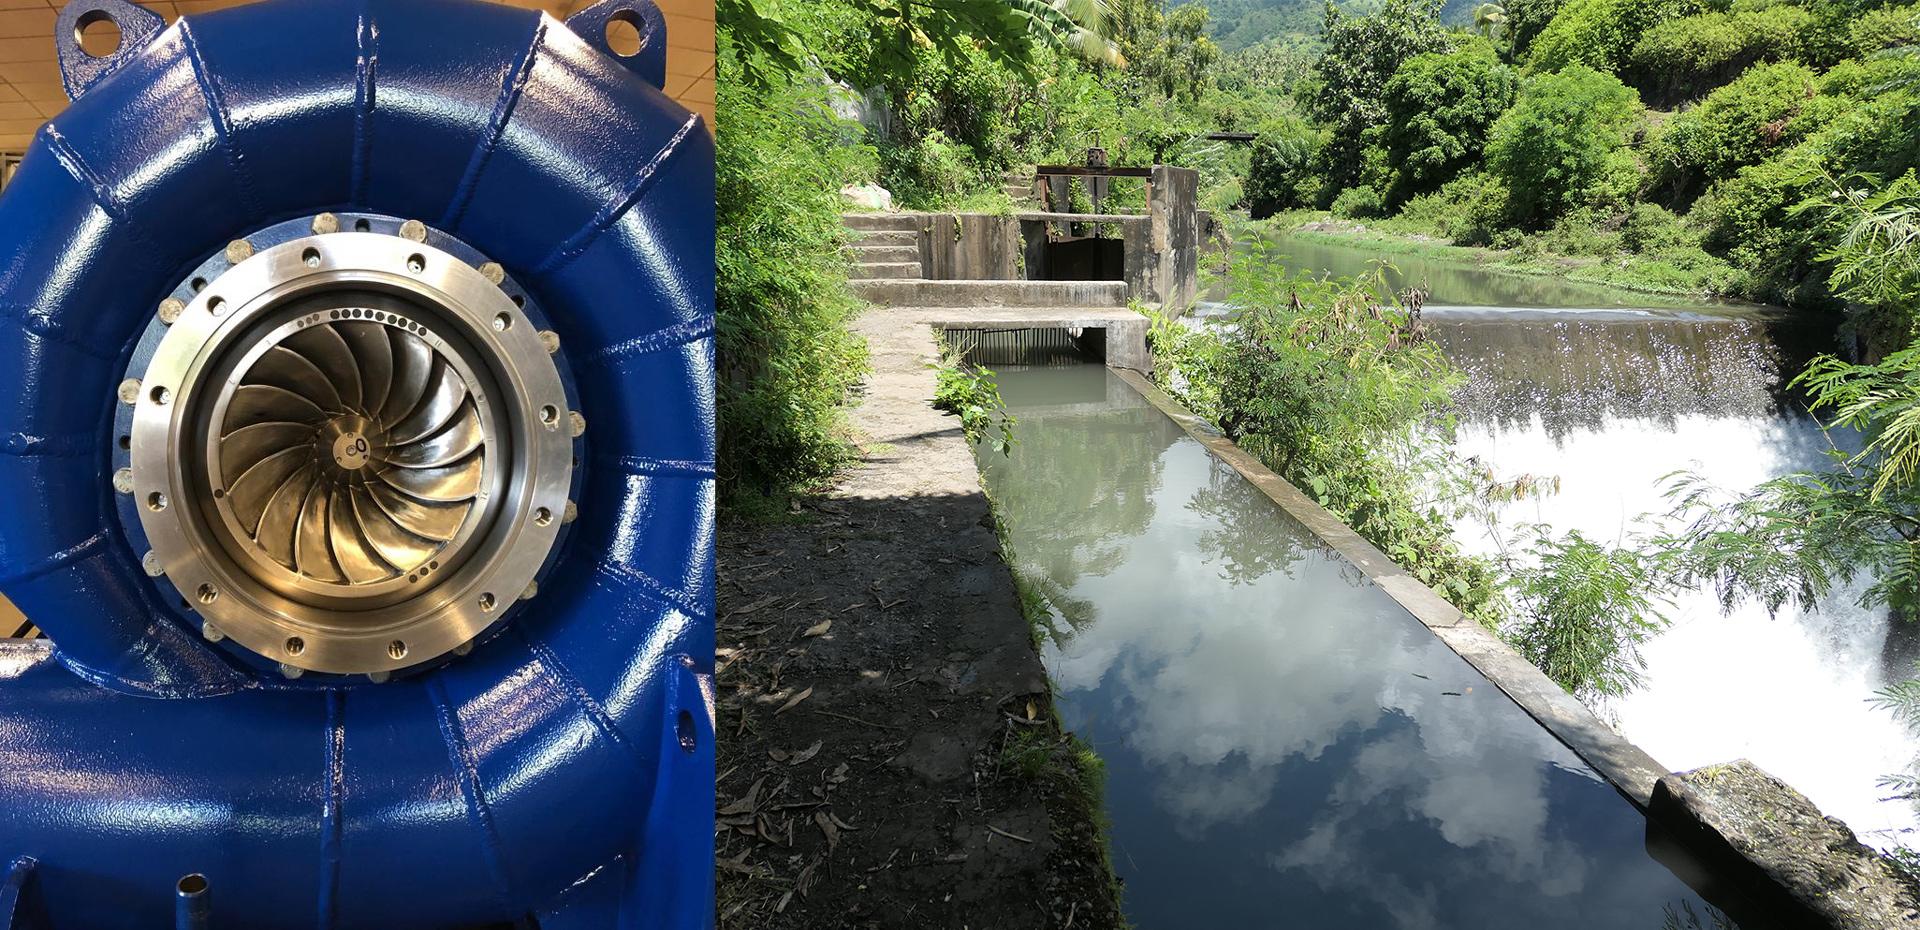 IMM et HPP remportent le contrat de réhabilitation de 3 centrales hydroélectriques aux Iles Comores - IMM and HPP awarded a contract for 3 hydropower plants in Comoros islands